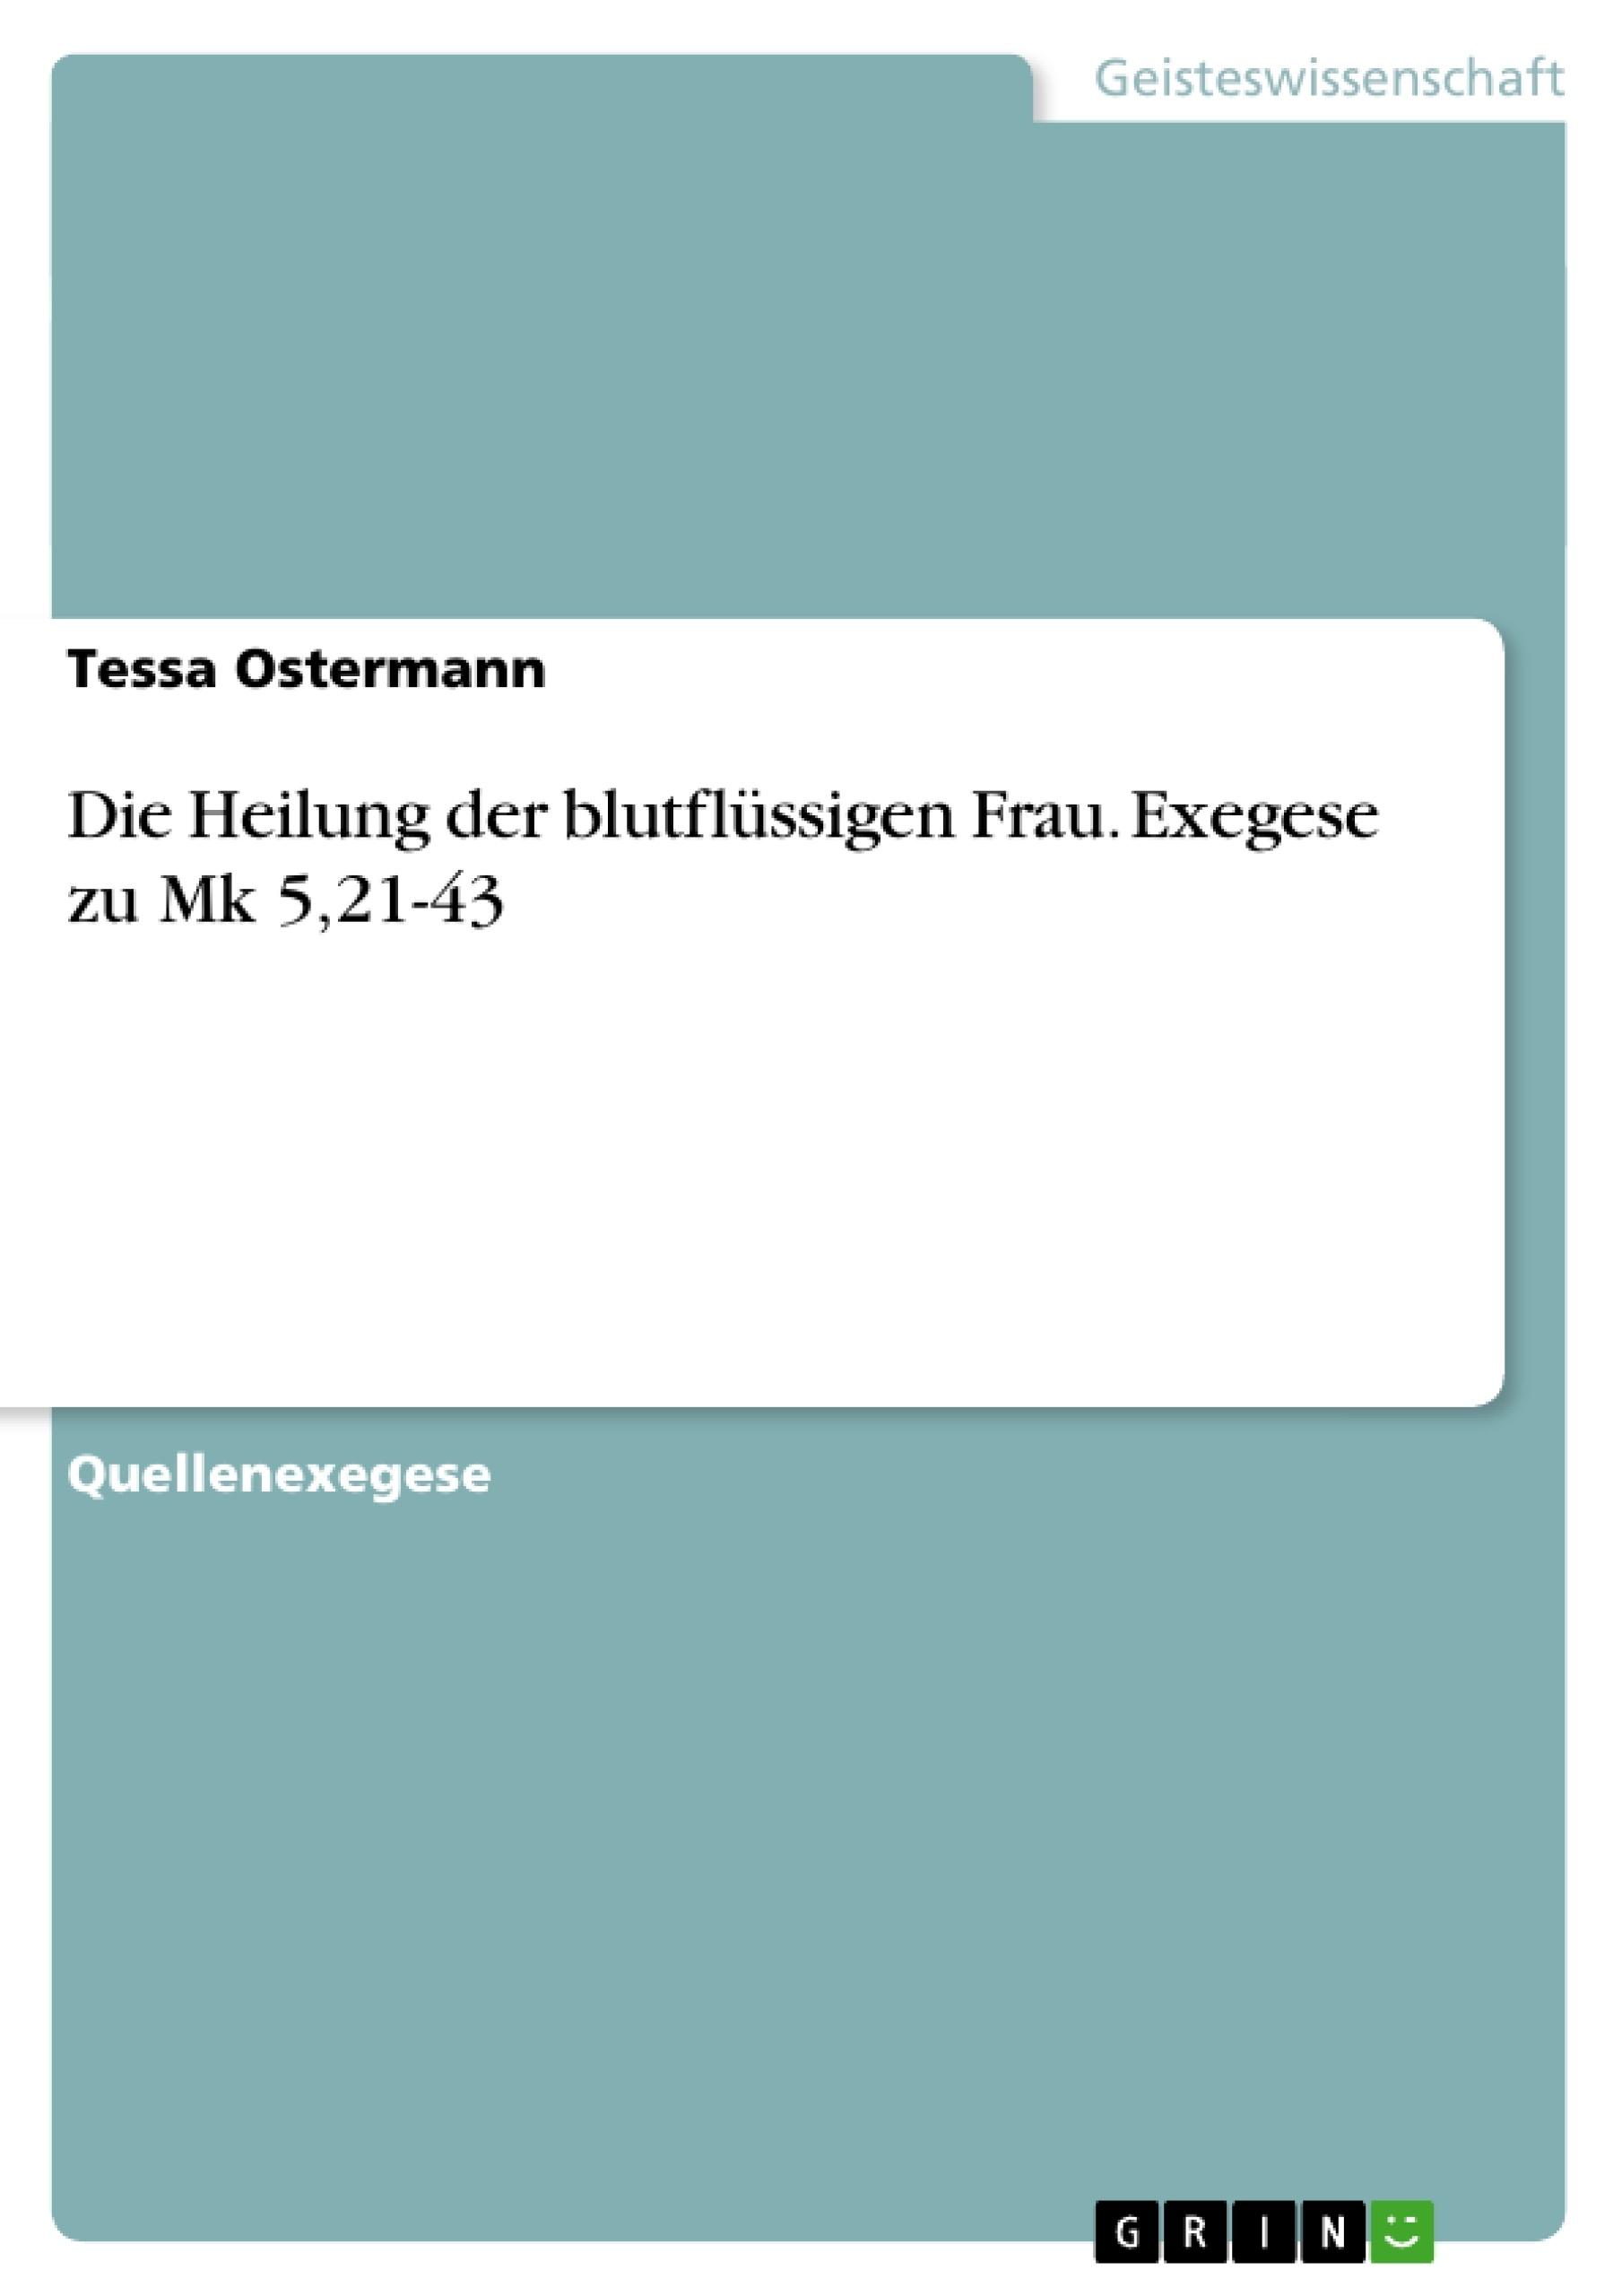 Titel: Die Heilung der blutflüssigen Frau. Exegese zu Mk 5,21-43